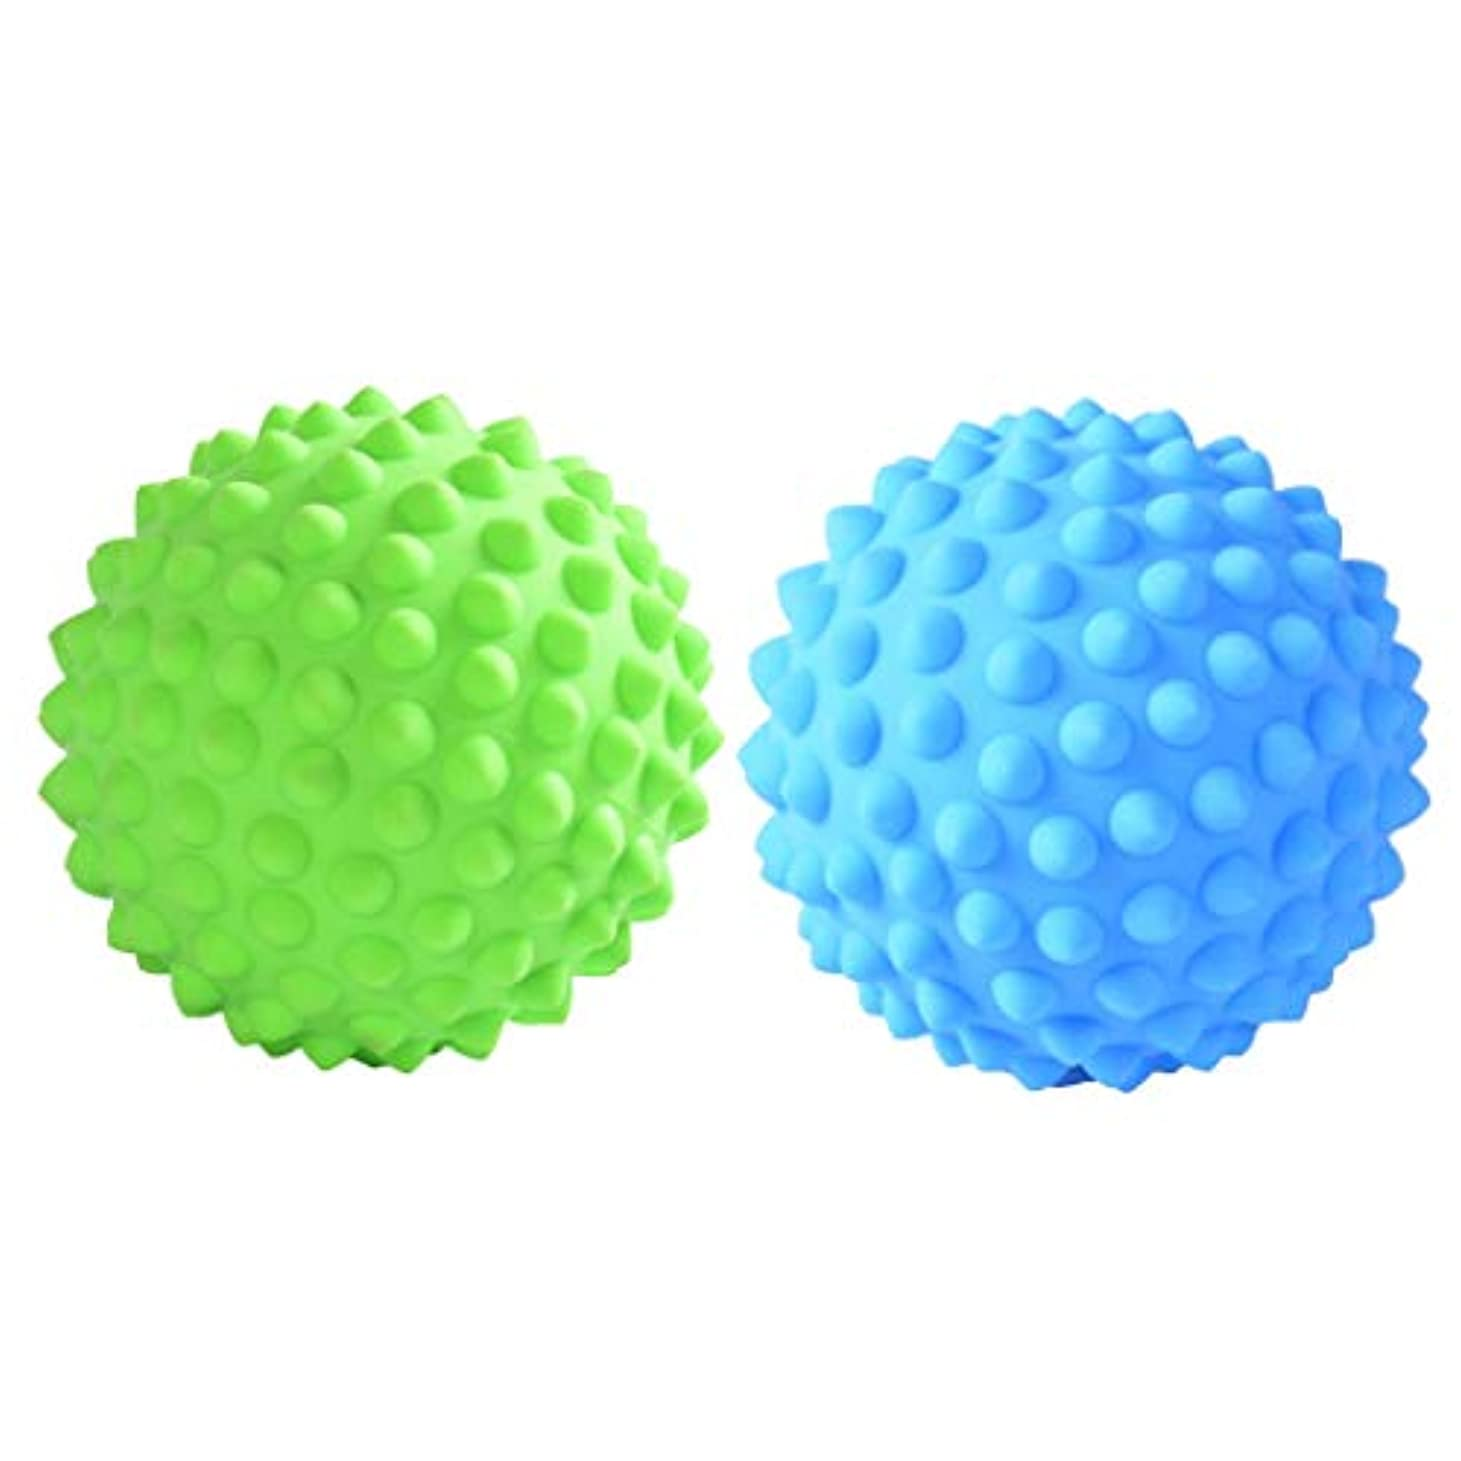 裂け目樹木悲しいCUTICATE マッサージローラーボール 指圧ボール PVC トリガーポイント 筋膜 疲労軽減 健康的 2個入